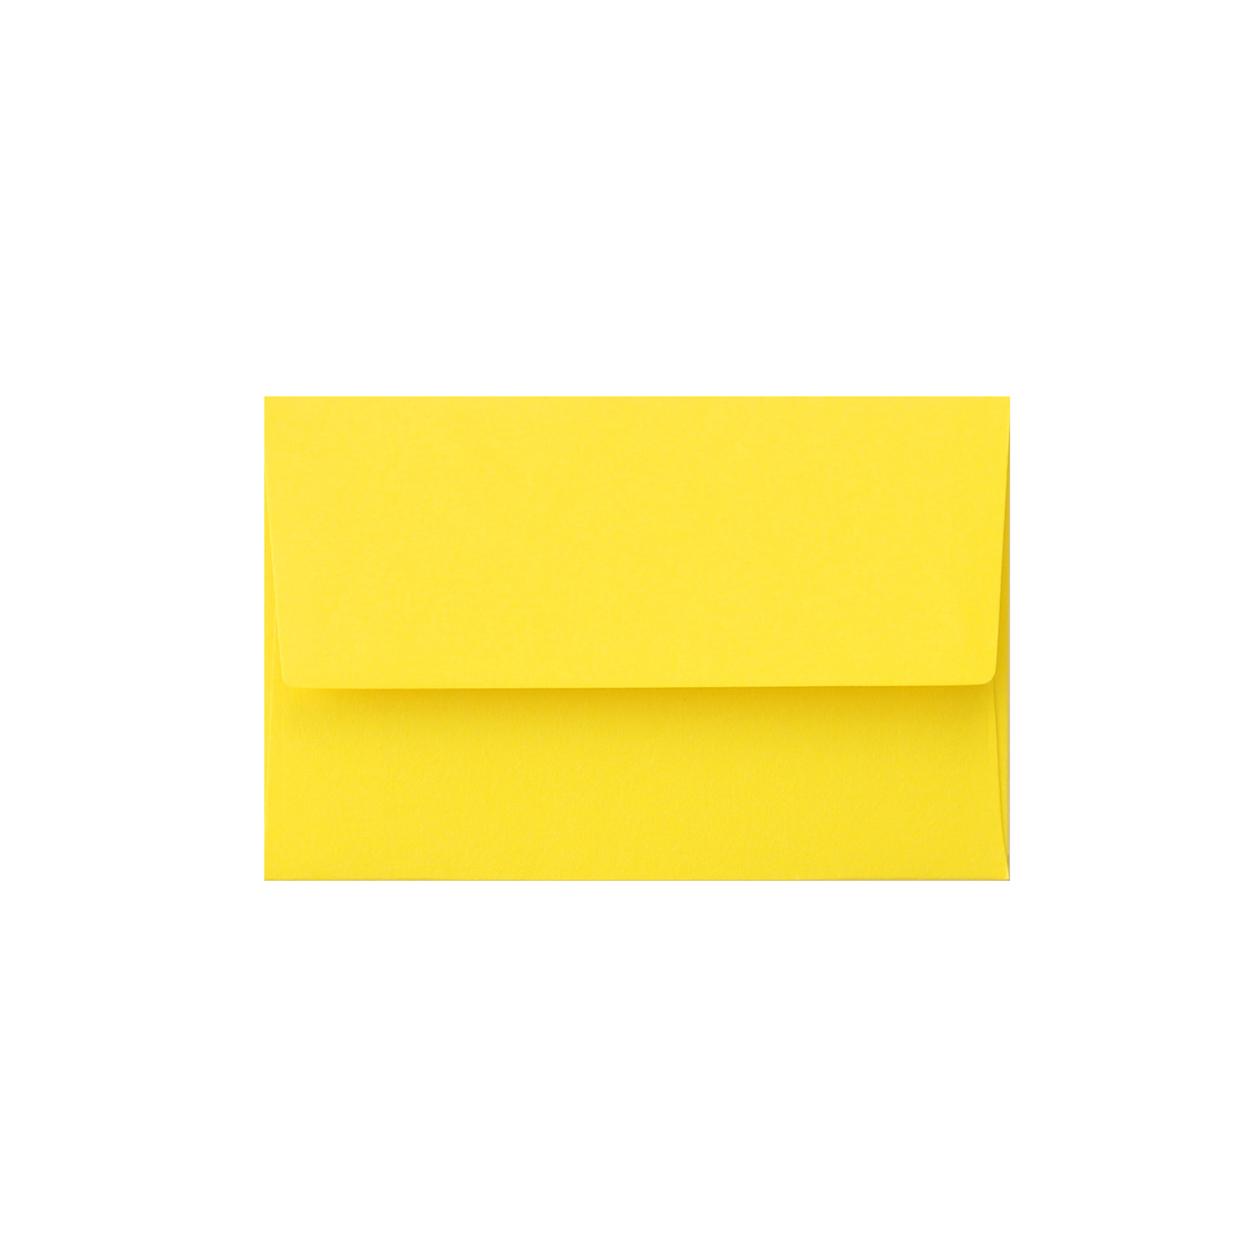 NEカマス封筒 コットン(NTラシャ) ひまわり 116.3g